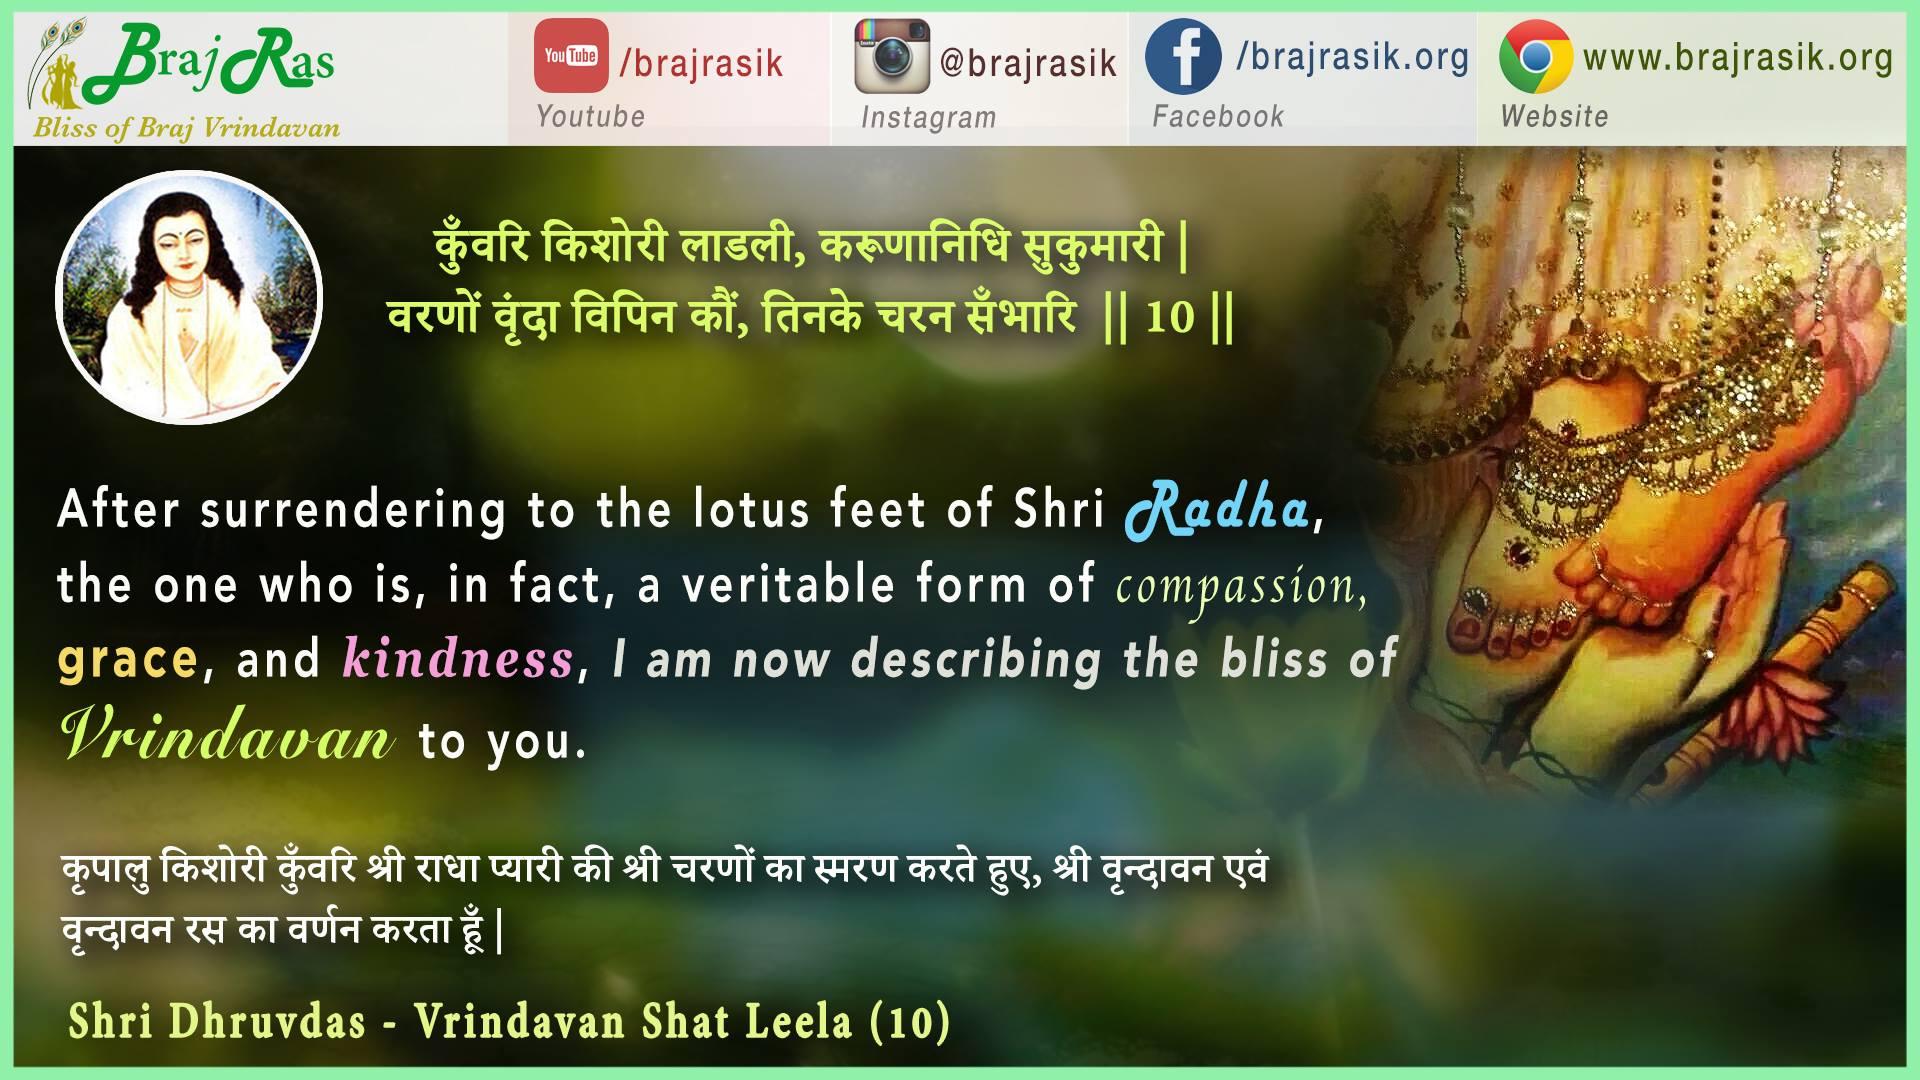 Kunwari Kishori Ladli - Shri Dhruvdas - Vrindavan Shat Leela